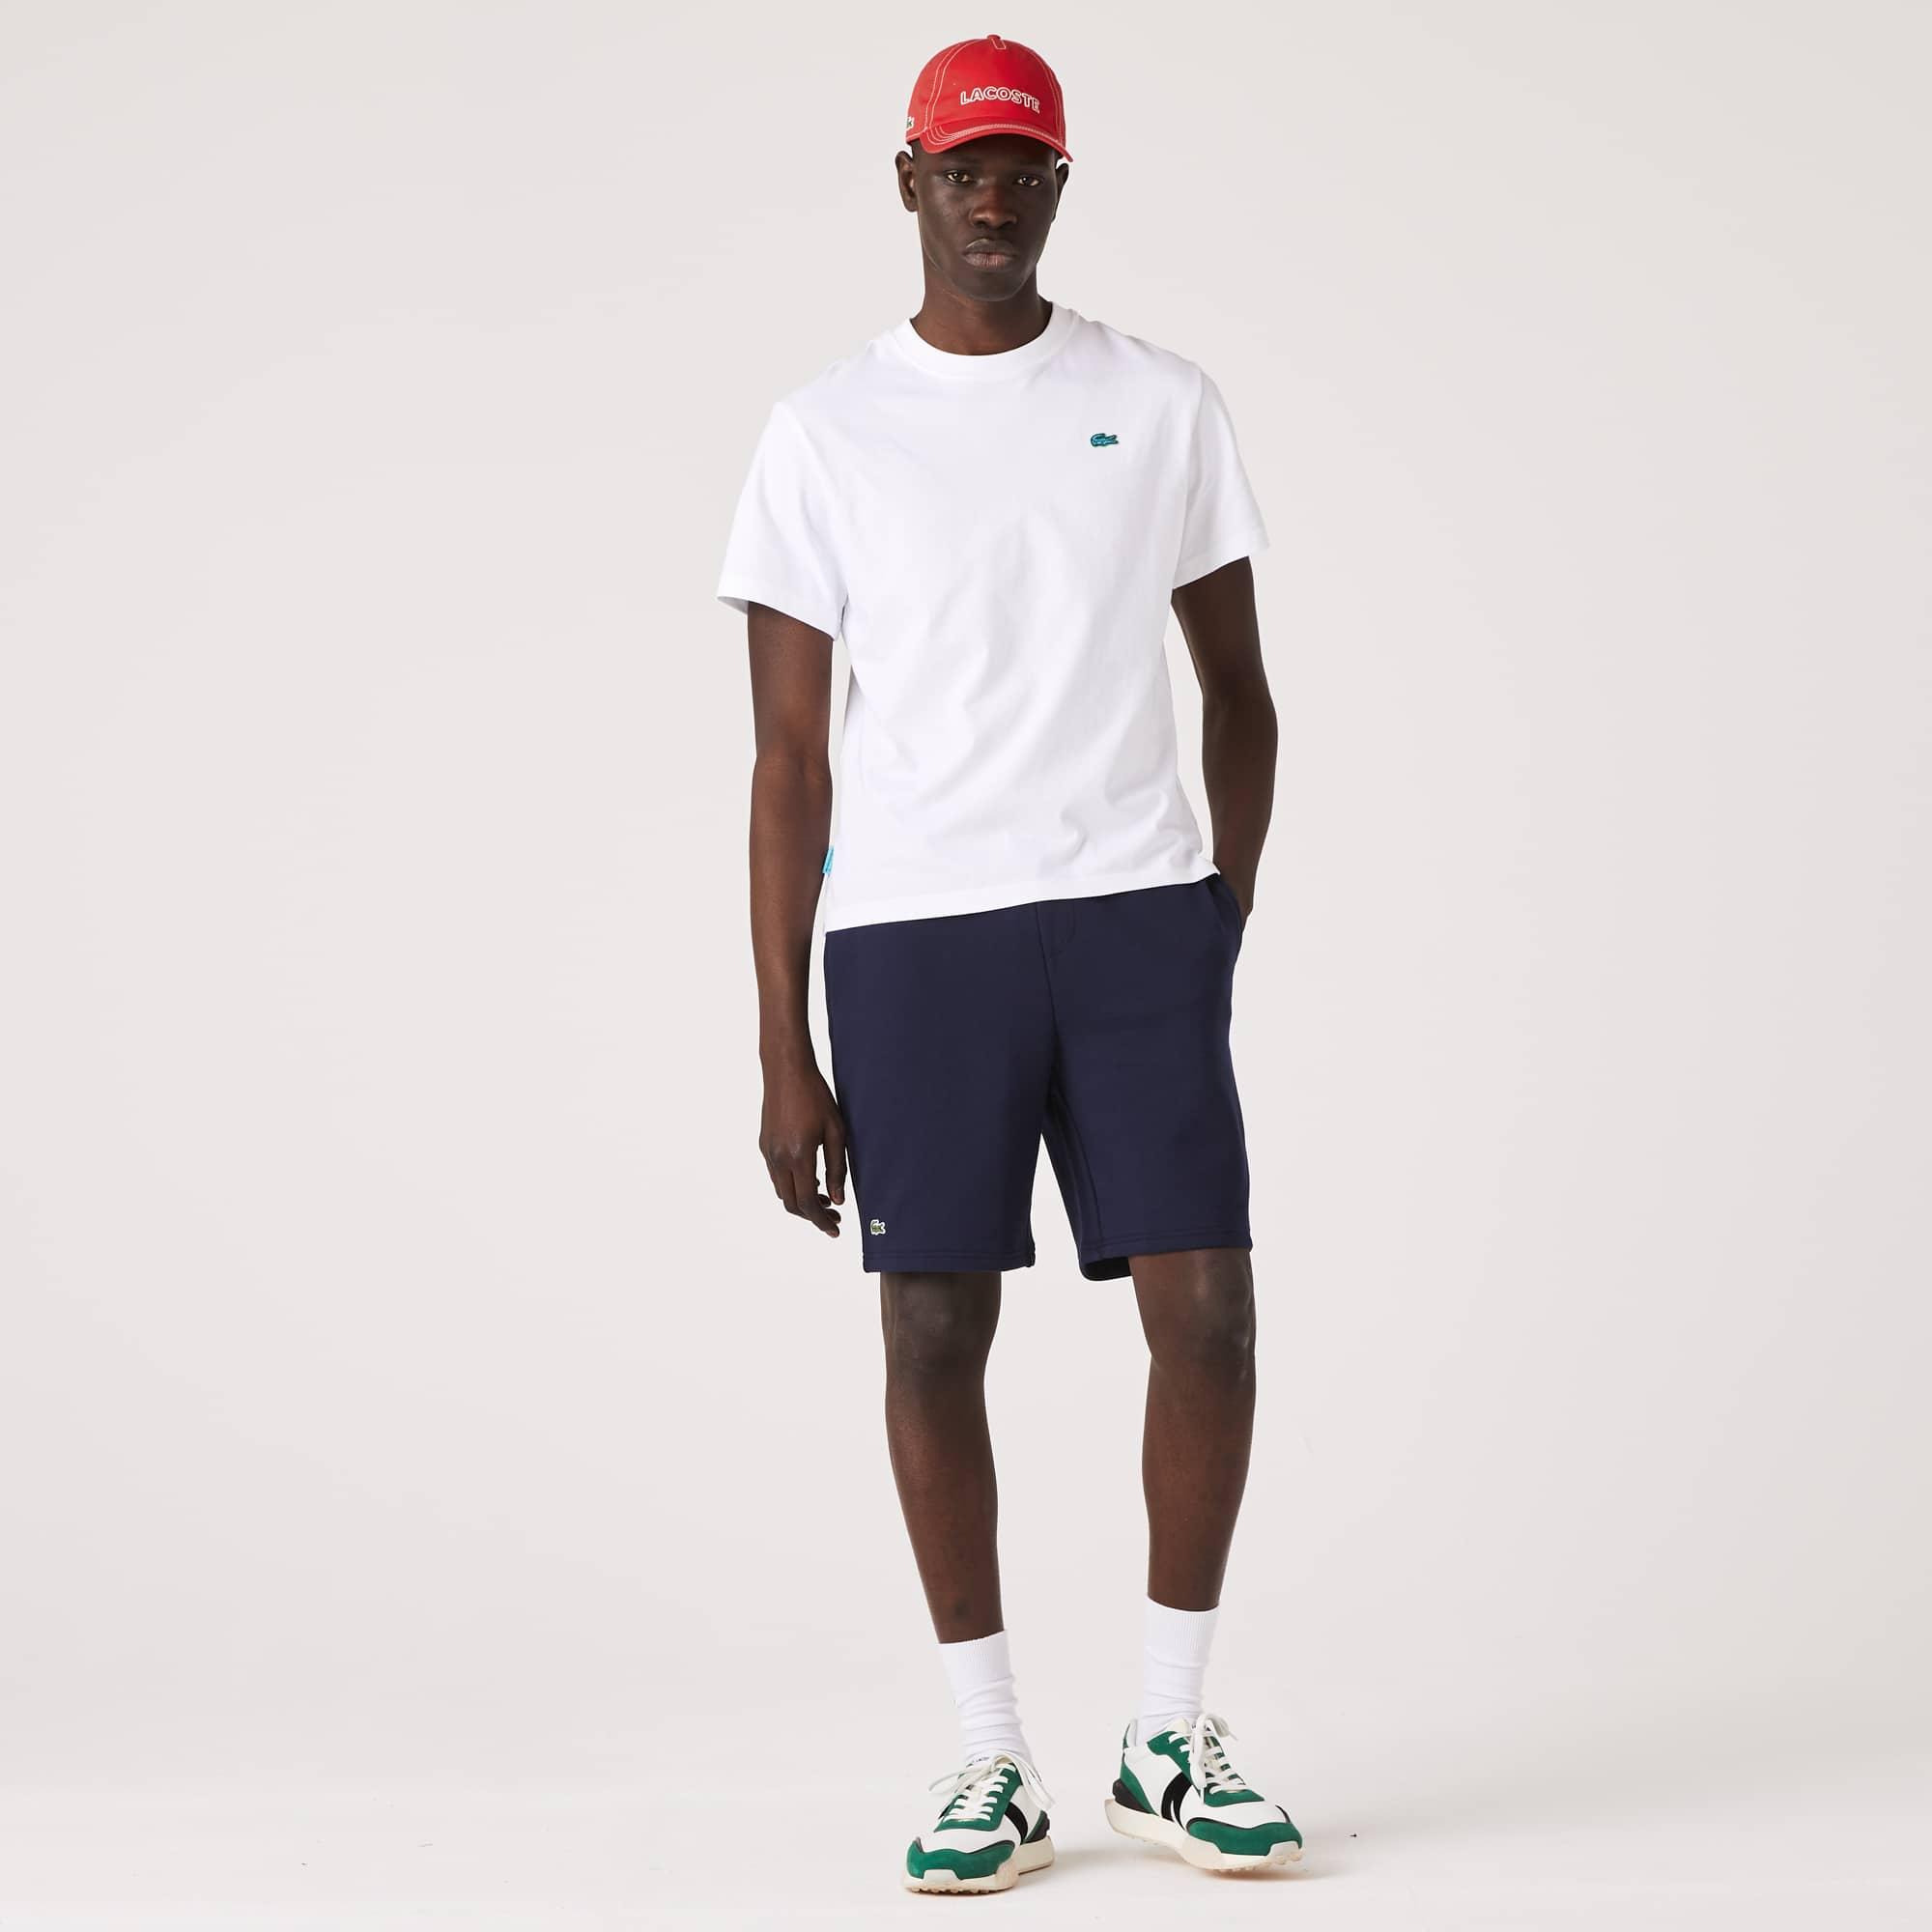 Lacoste Pantalonsamp; ShortsVêtements Lacoste Pantalonsamp; Homme Sport Homme Pantalonsamp; ShortsVêtements Sport ShortsVêtements A4RLq35j